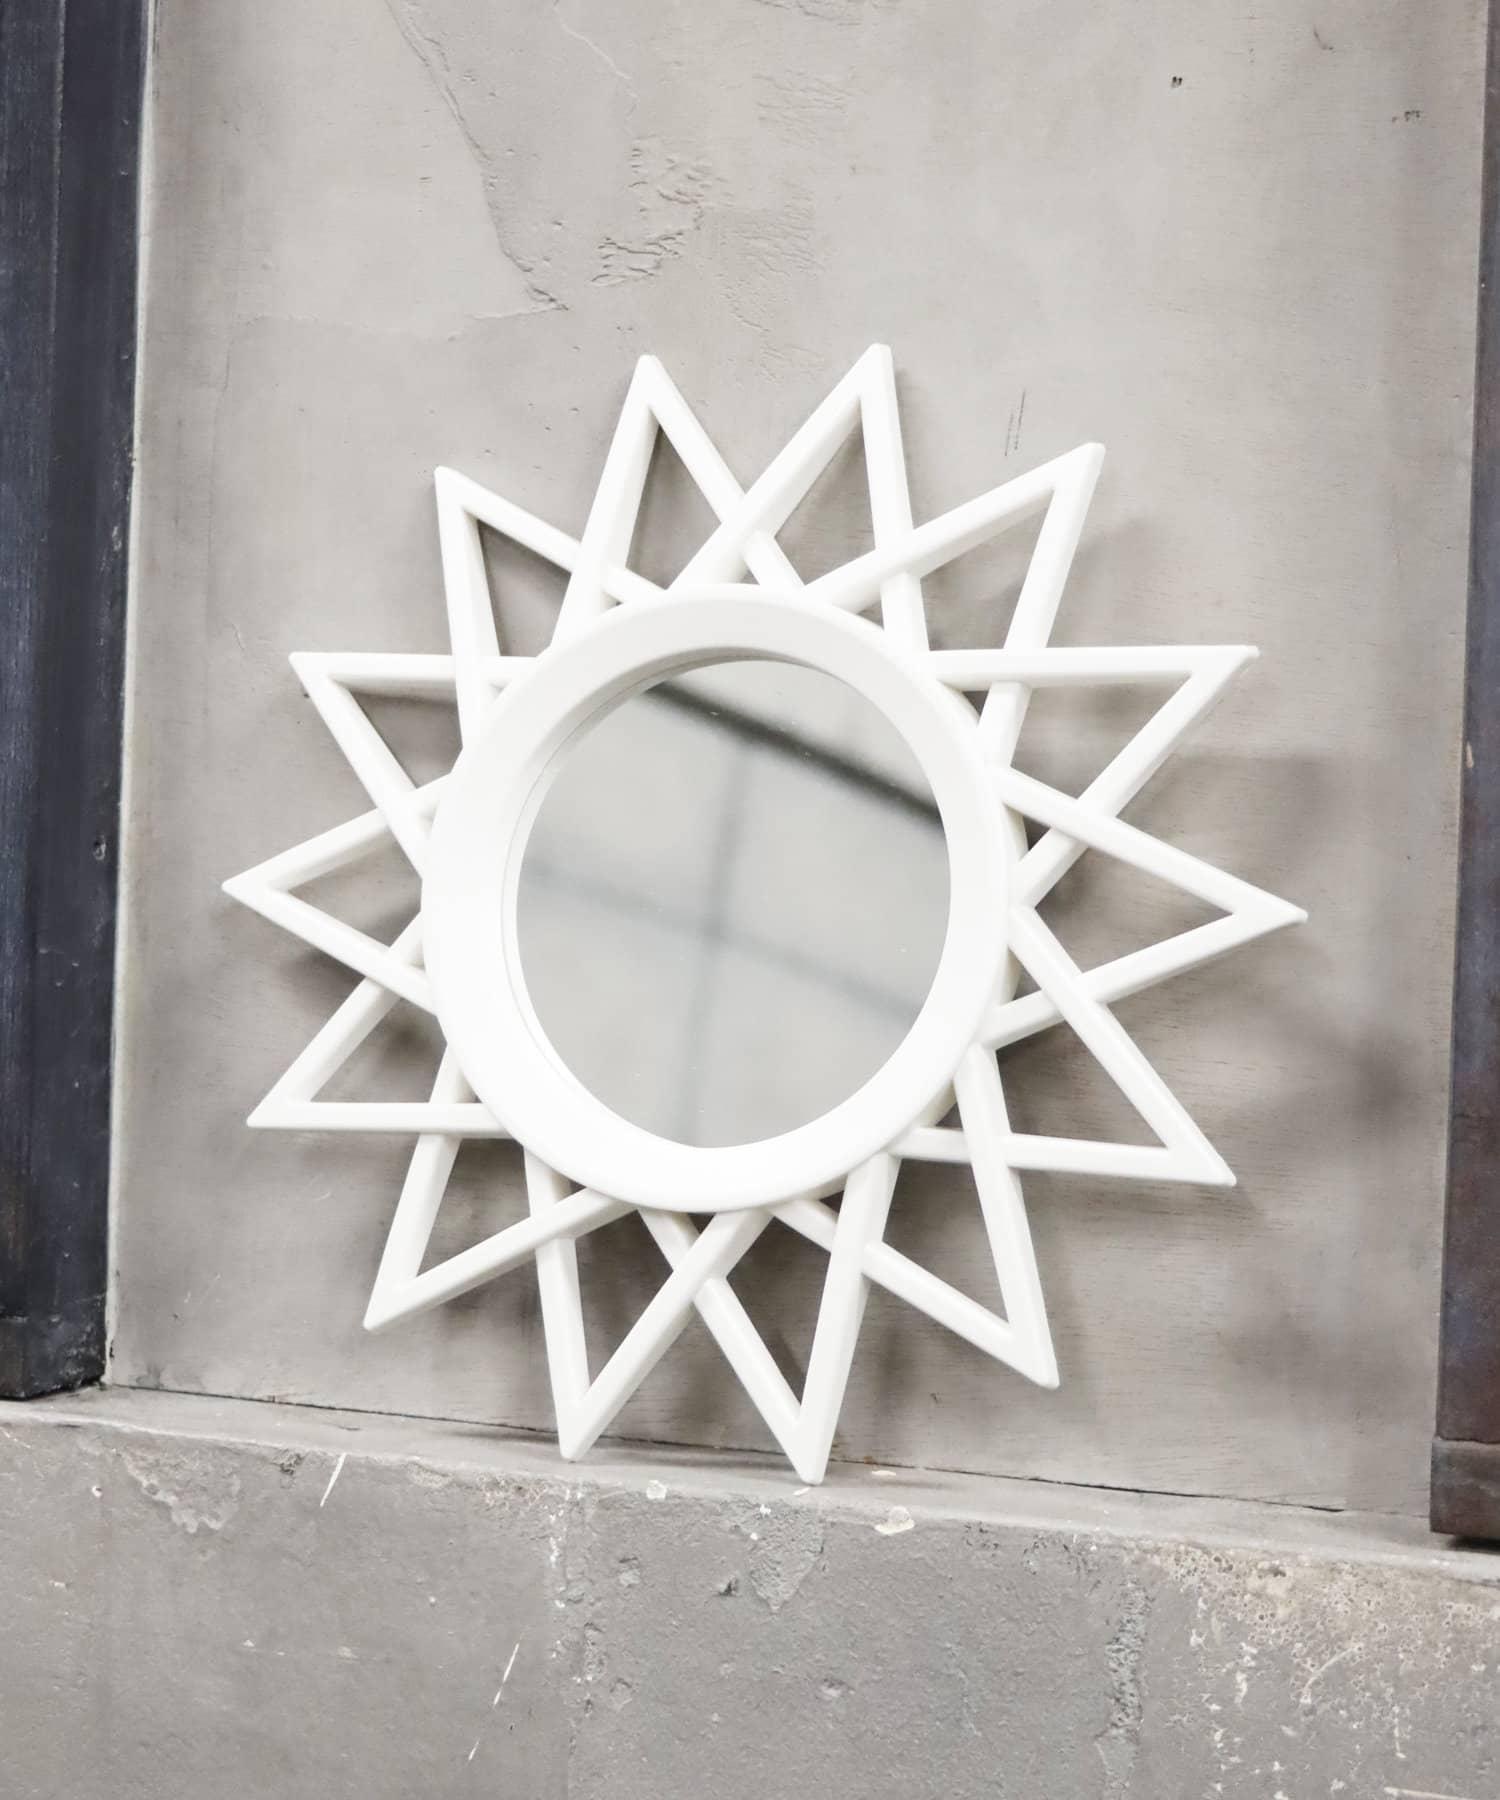 ASOKO(アソコ) ライフスタイル アンティーク壁掛けミラー(ギザギザ) ホワイト